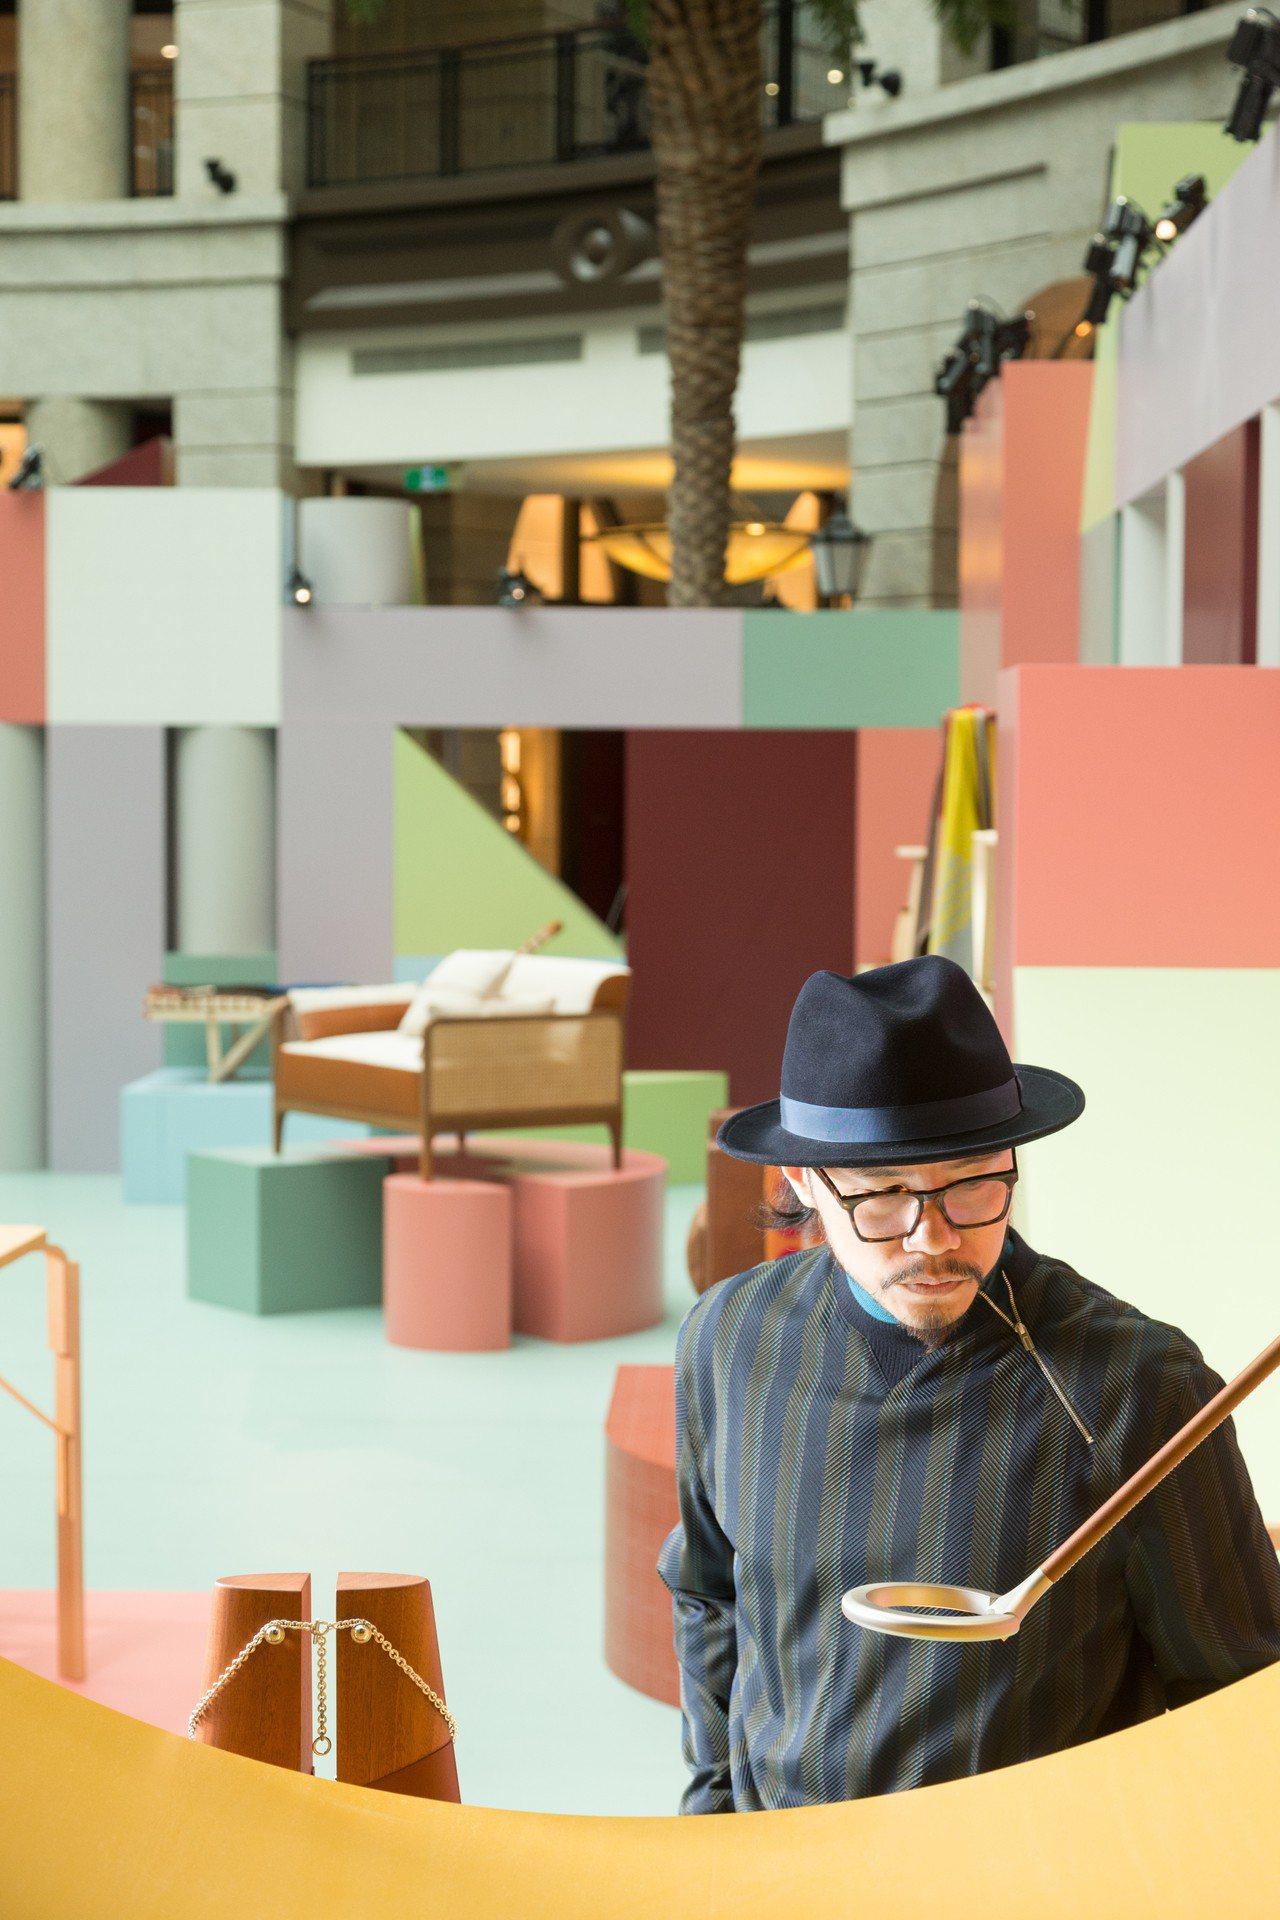 設計師方序中參觀愛馬仕空間之間家居藝術裝置展。記者陳立凱/攝影